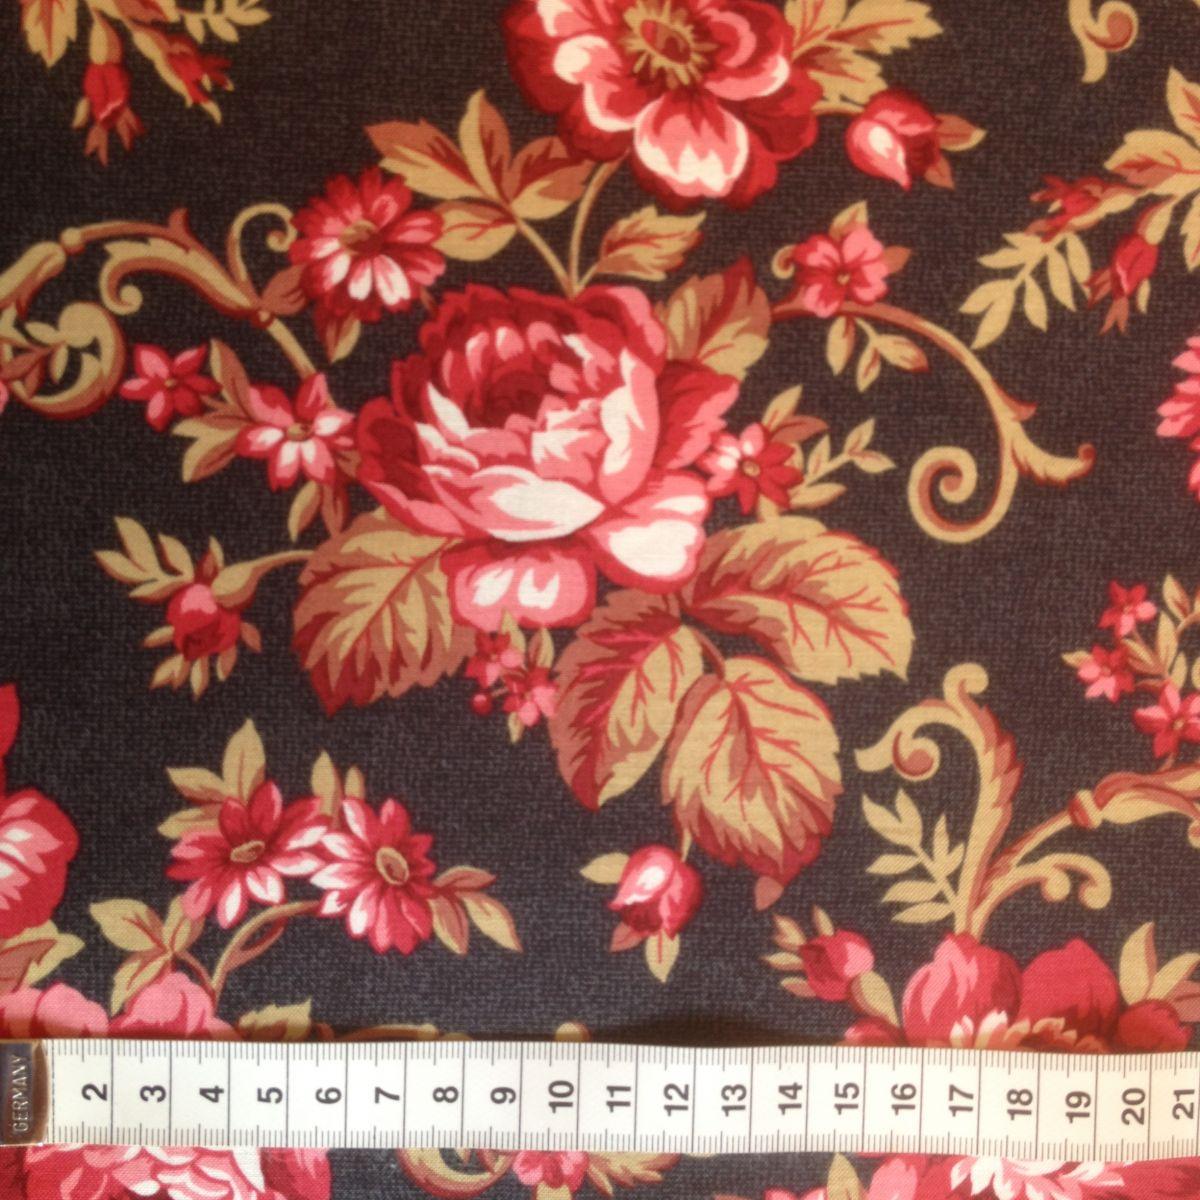 Store roser på mørkebrun baggrundimg_1837